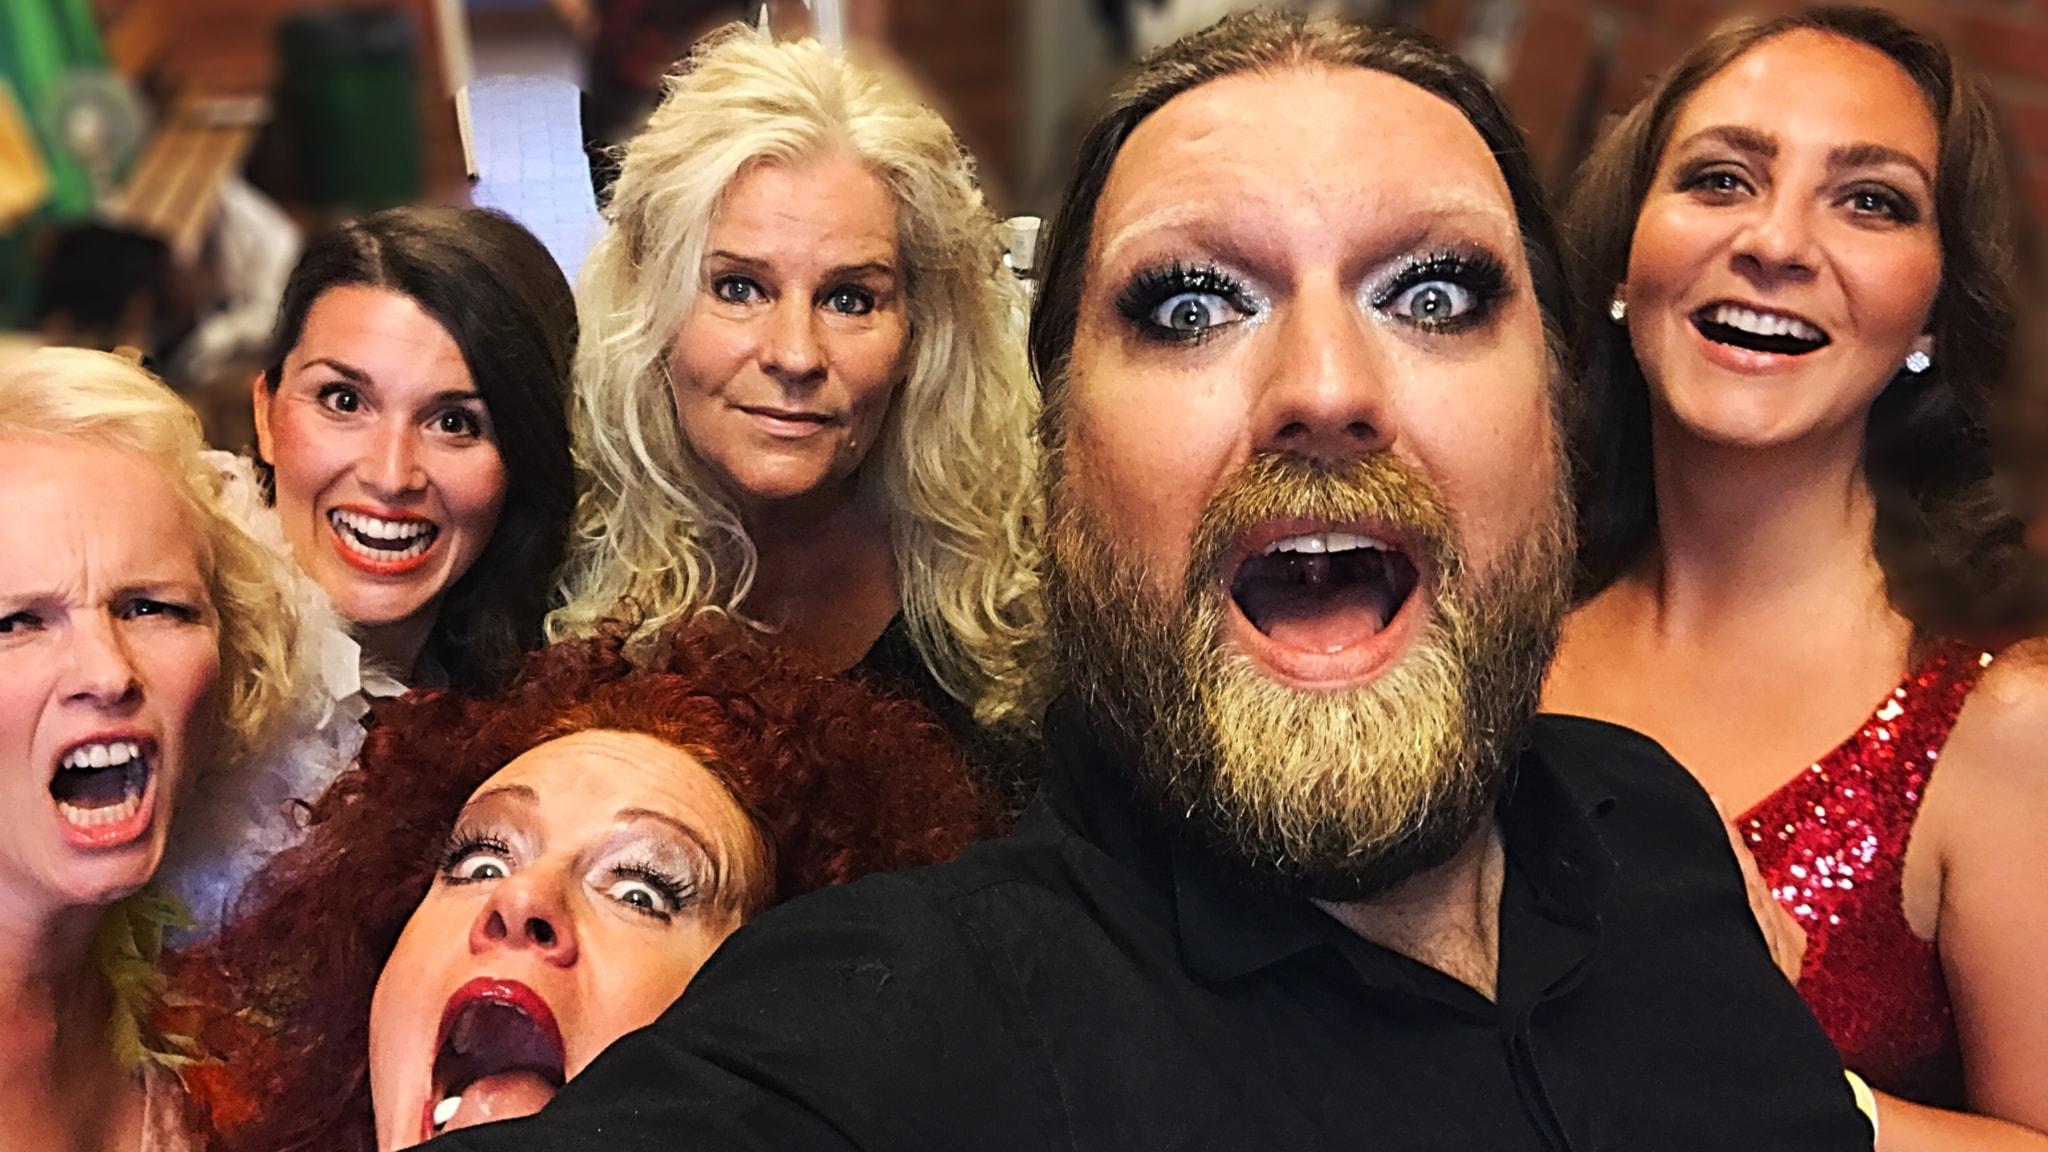 Opera sing-along på Pride 2017 med gästartister Kerstin Avemo, Matilda Paulsson, Teresia Bokor och Amelia Jakobsson. Piano: Majsan Dahling